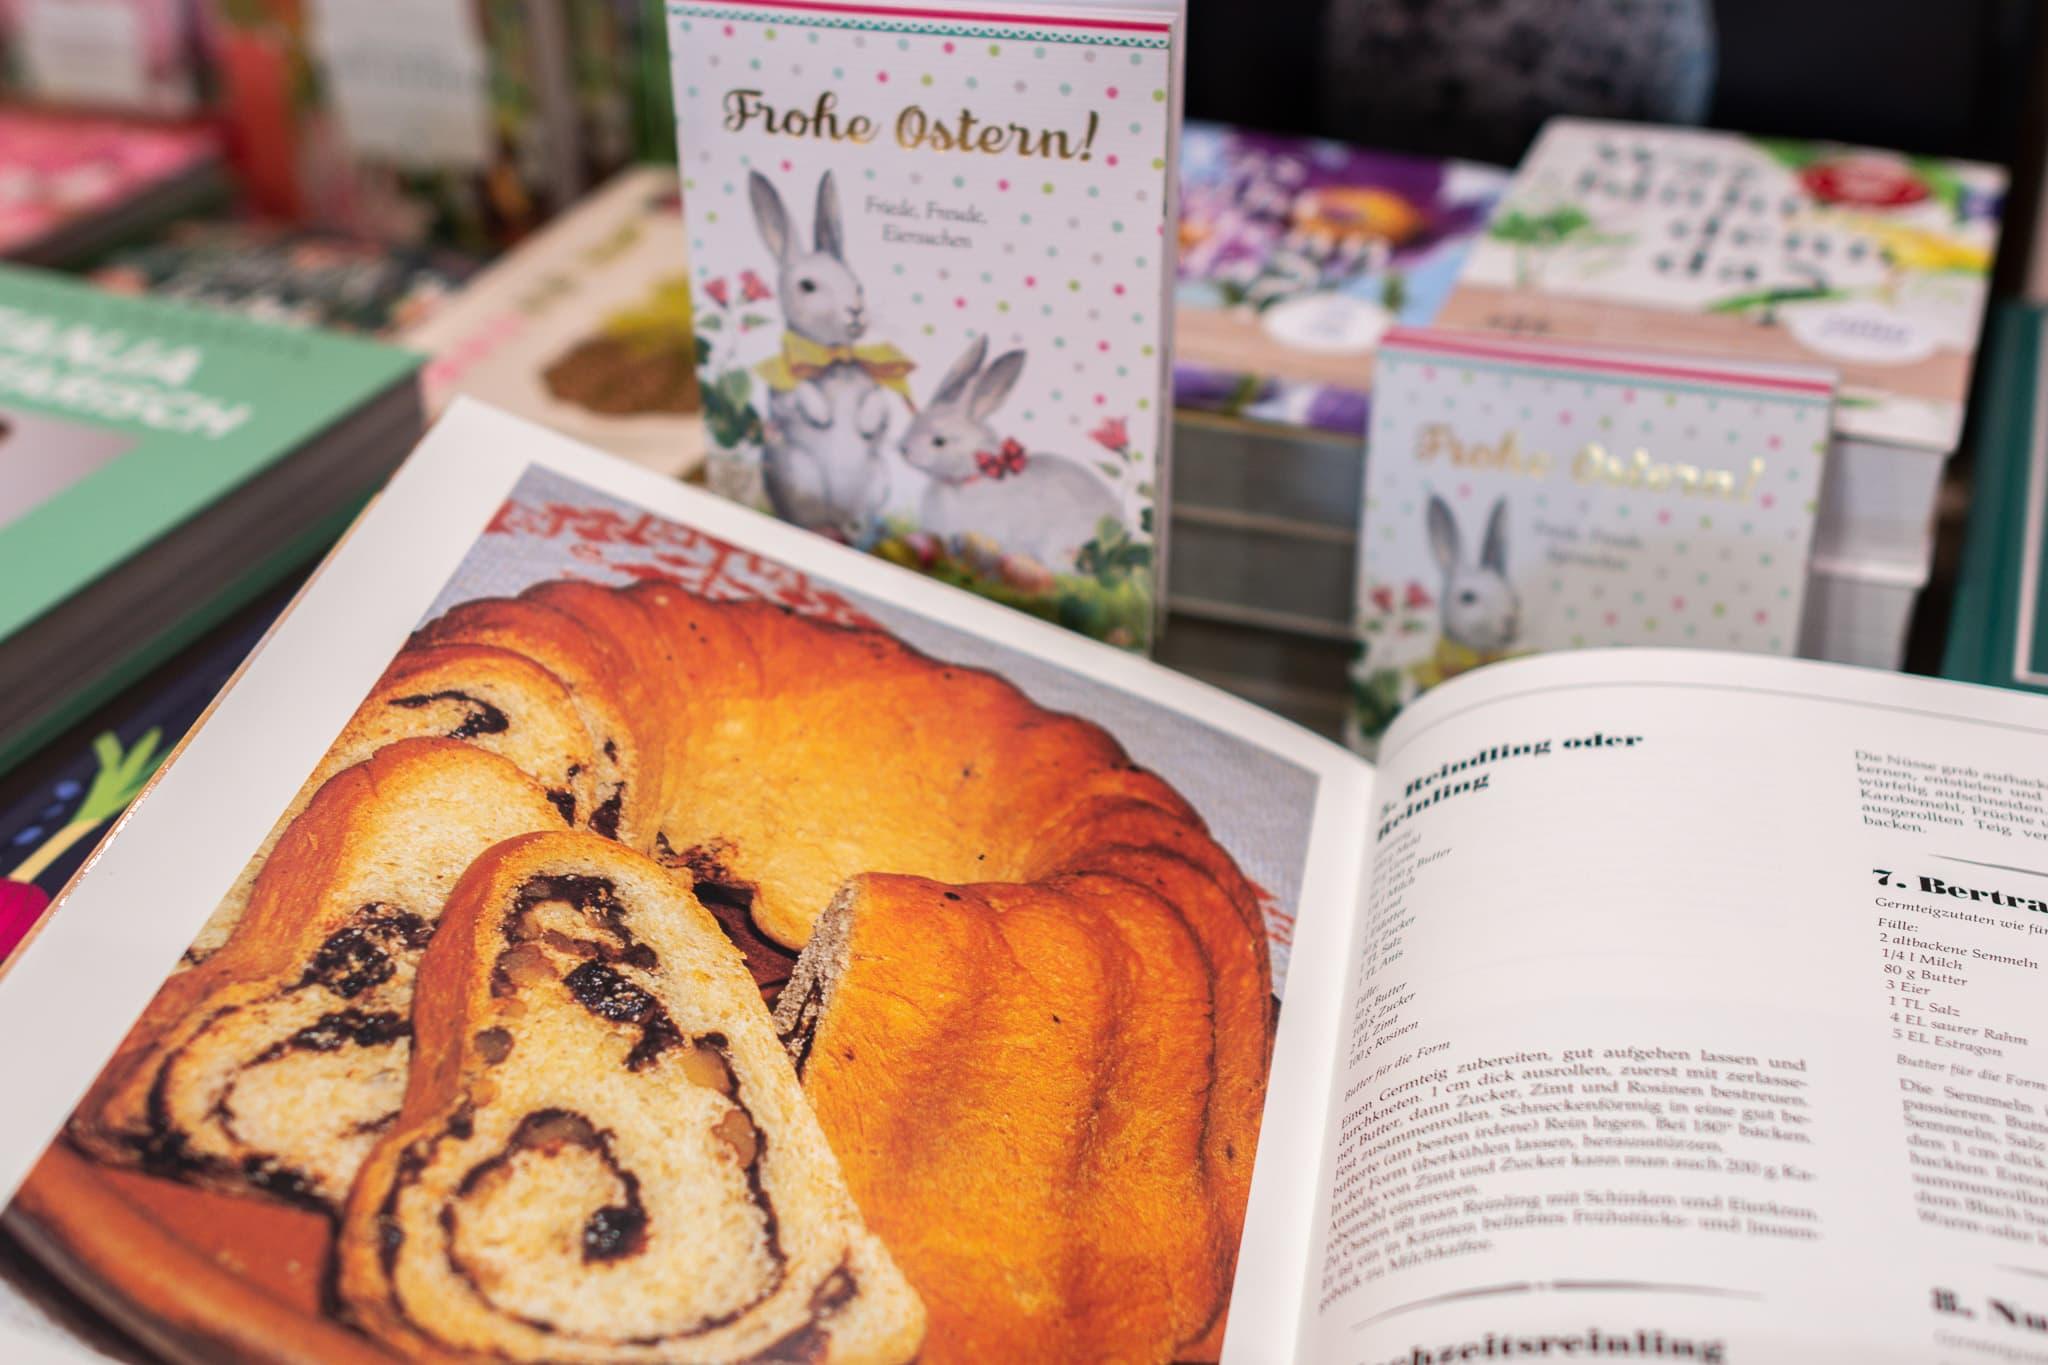 Kochbuch, Reindling backen, Backbuch, Ostern, Ostergeschenke für Kinder, Geschenkideen, Osterfest, 9020 Klagenfurt am Wörthersee